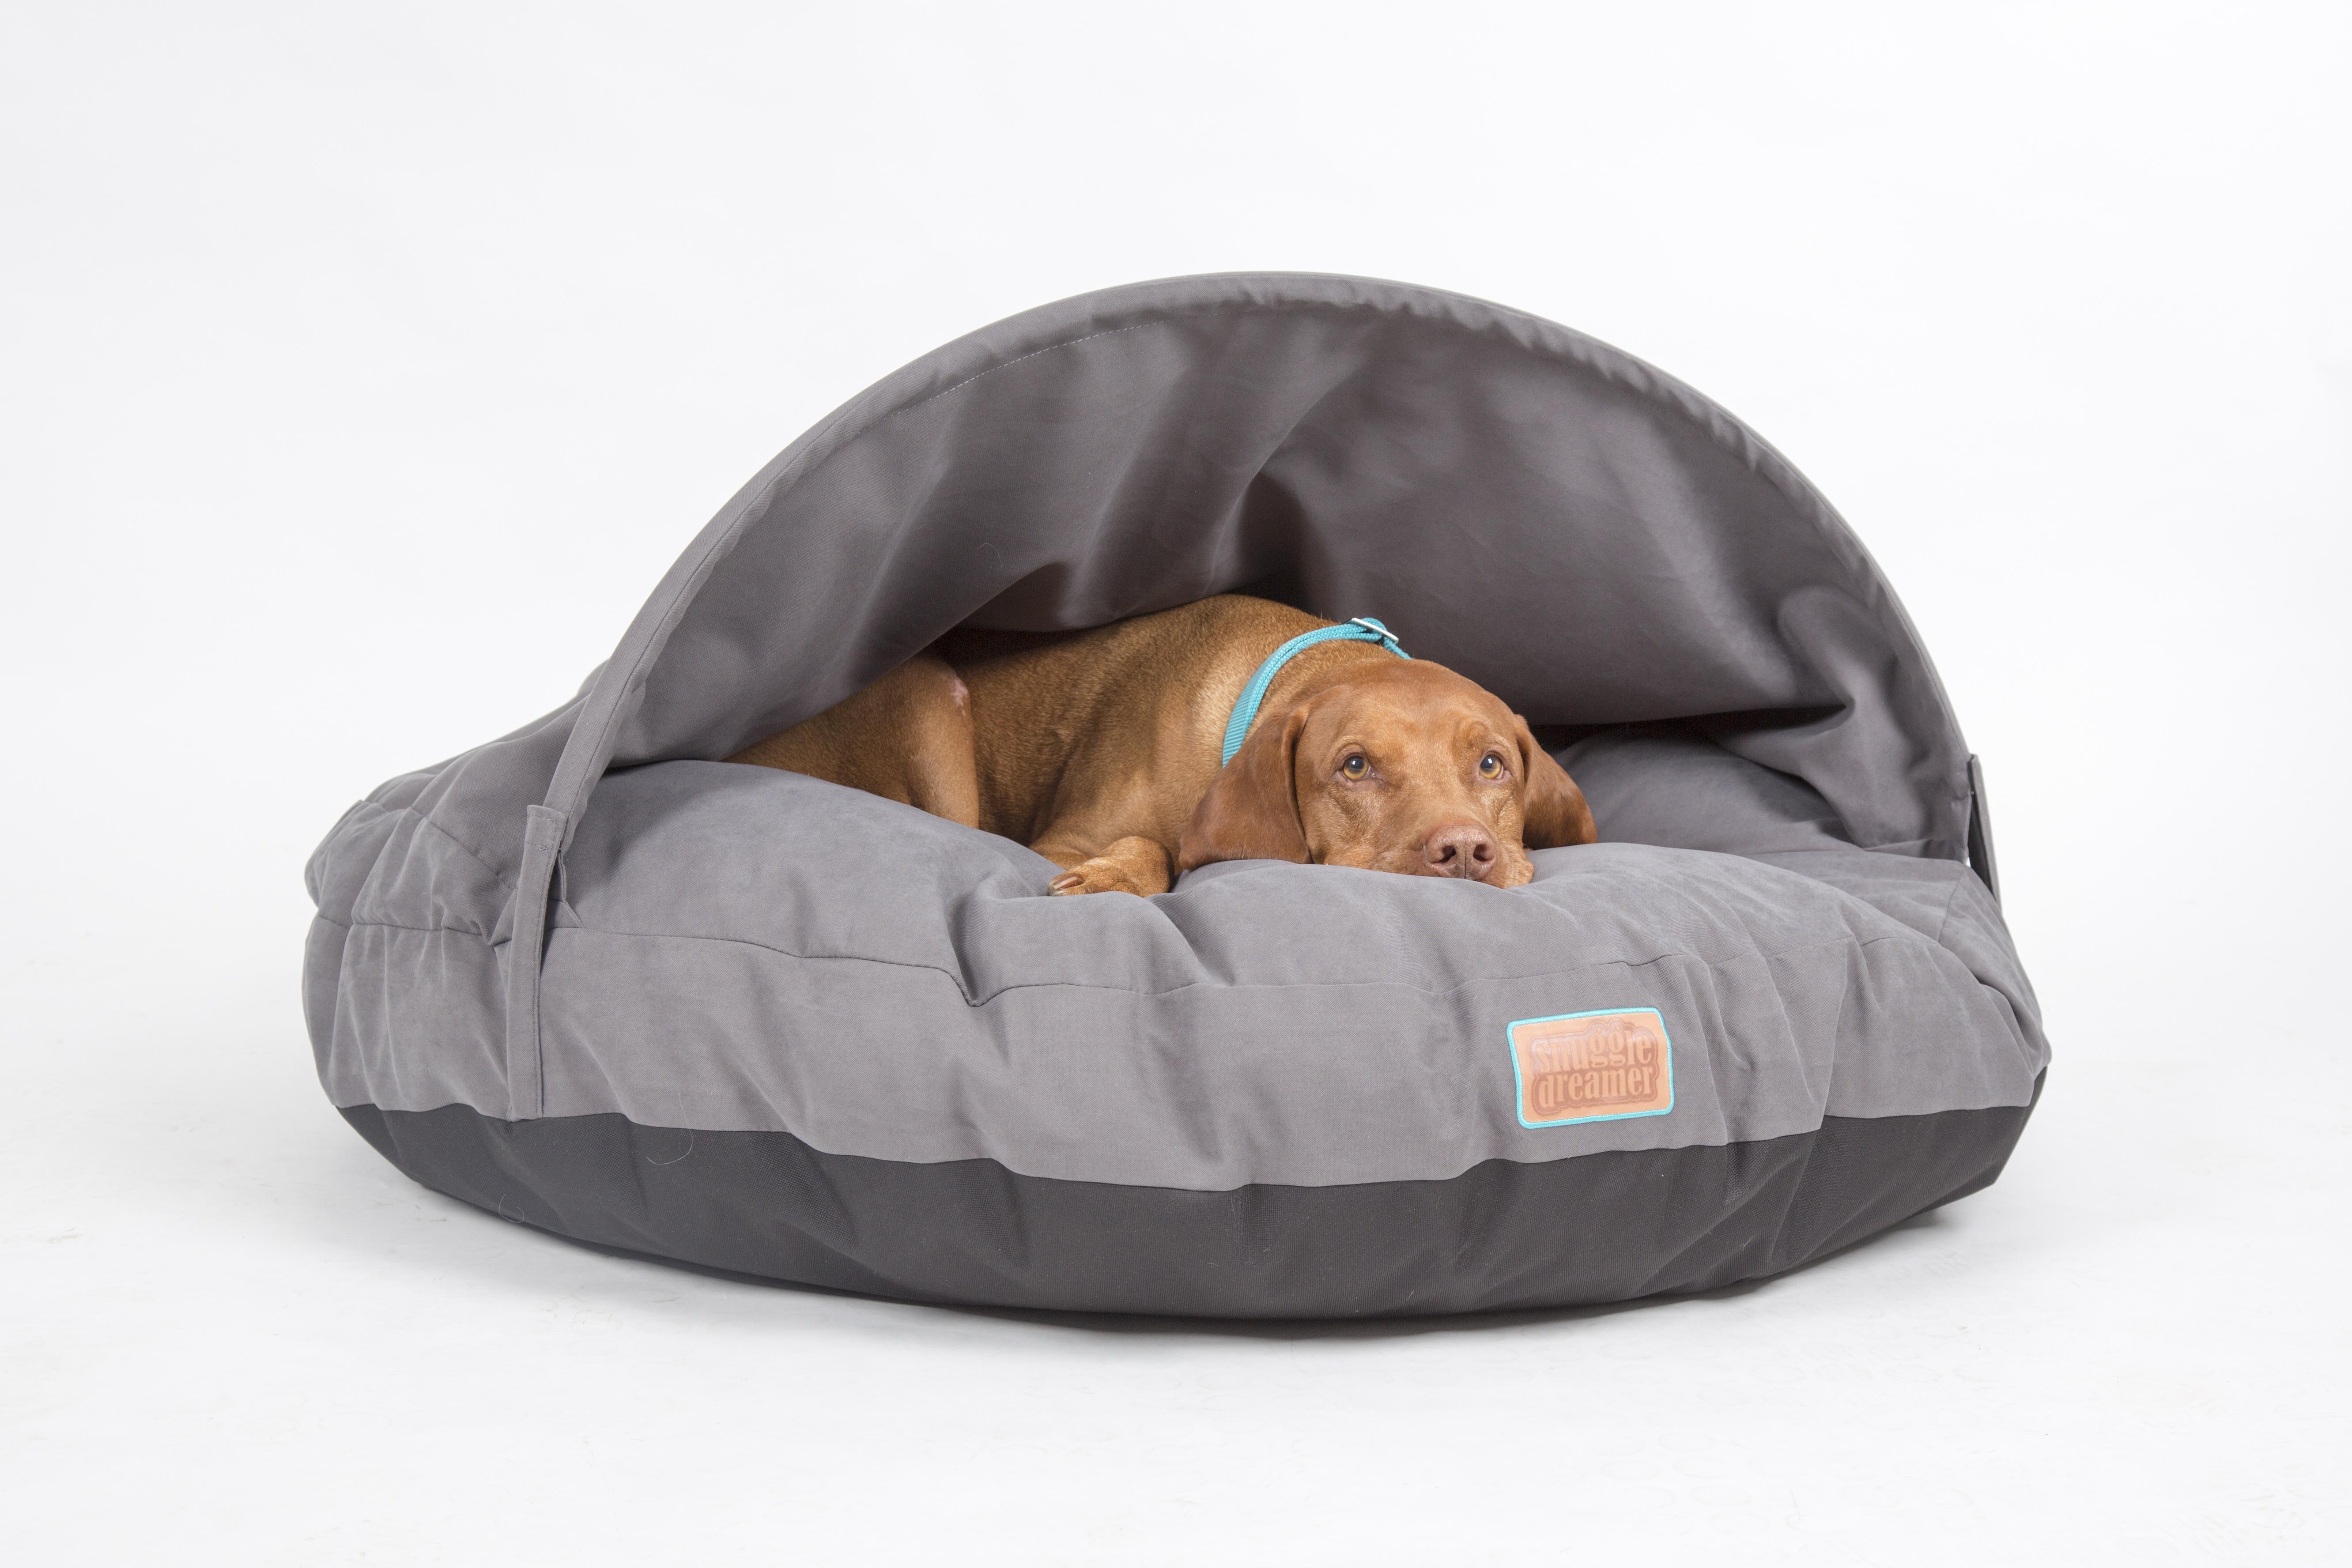 FreshCaveXL | Snuggle Dreamer | Hundehöhlen | Hundekissen